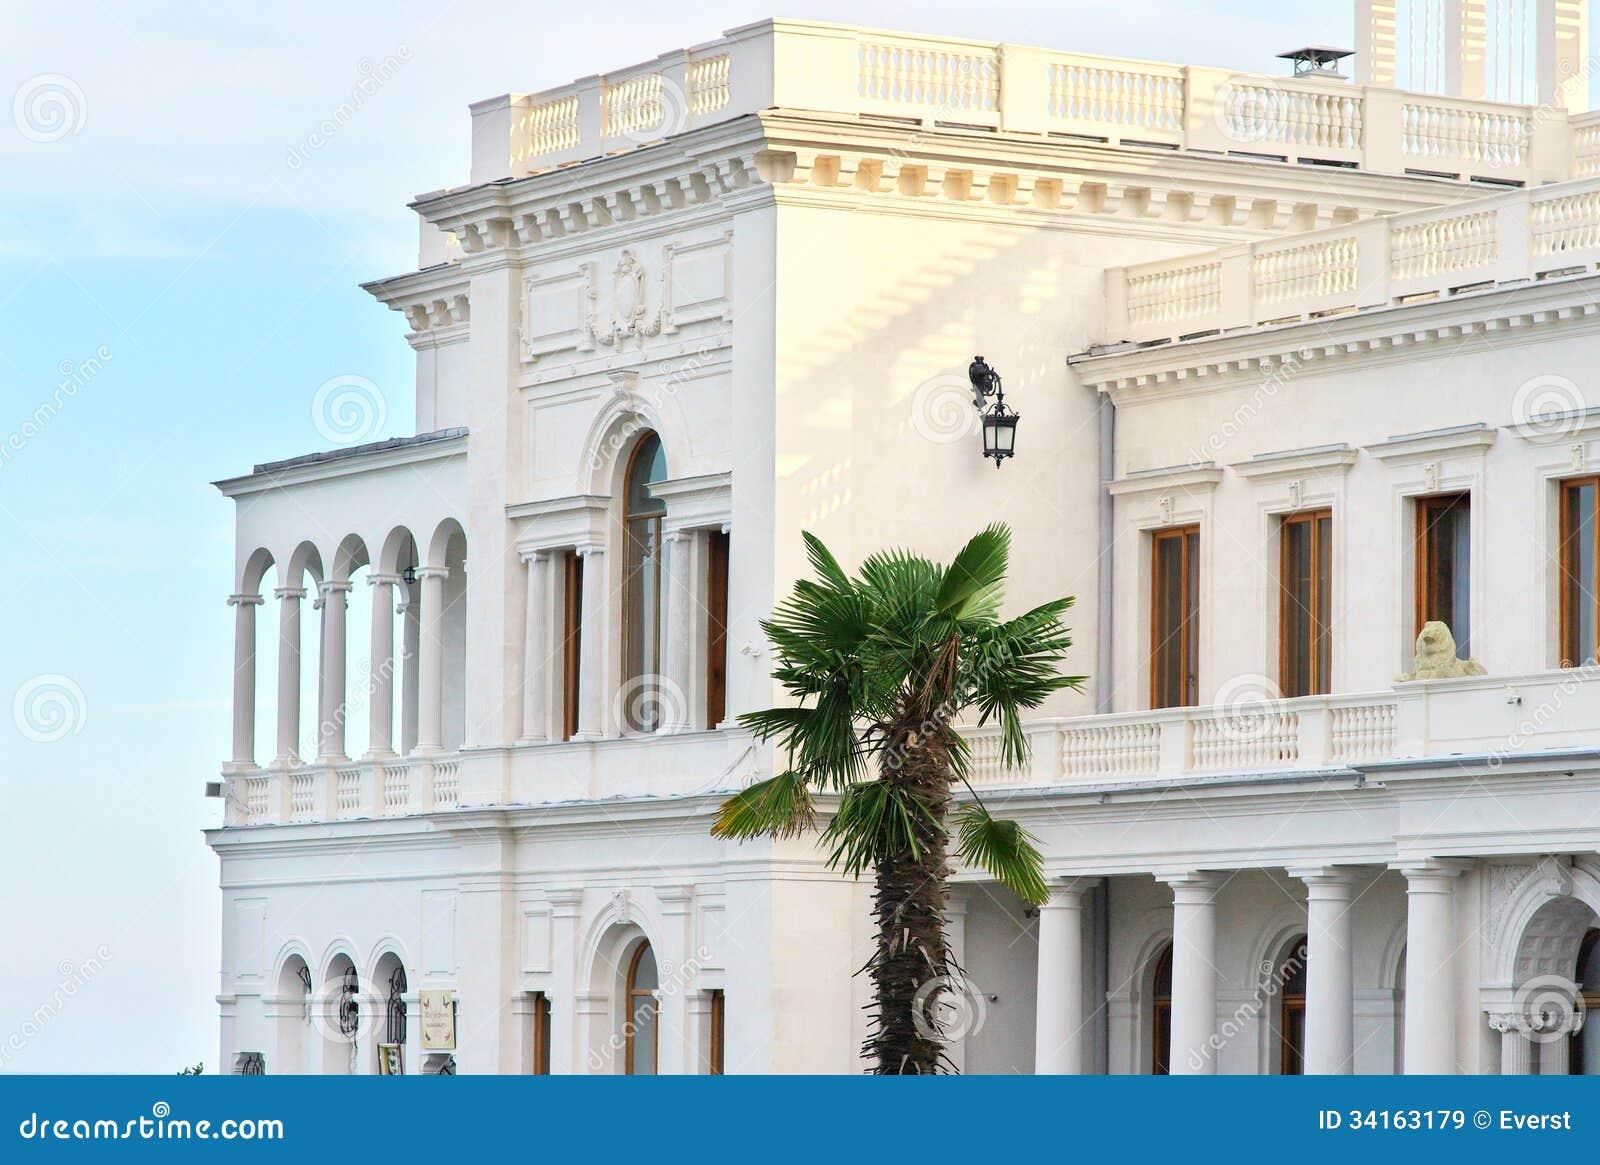 Livadia Palace Crimea Ukraine. Location Of The Historic Yalta Royalty Free Stock Images